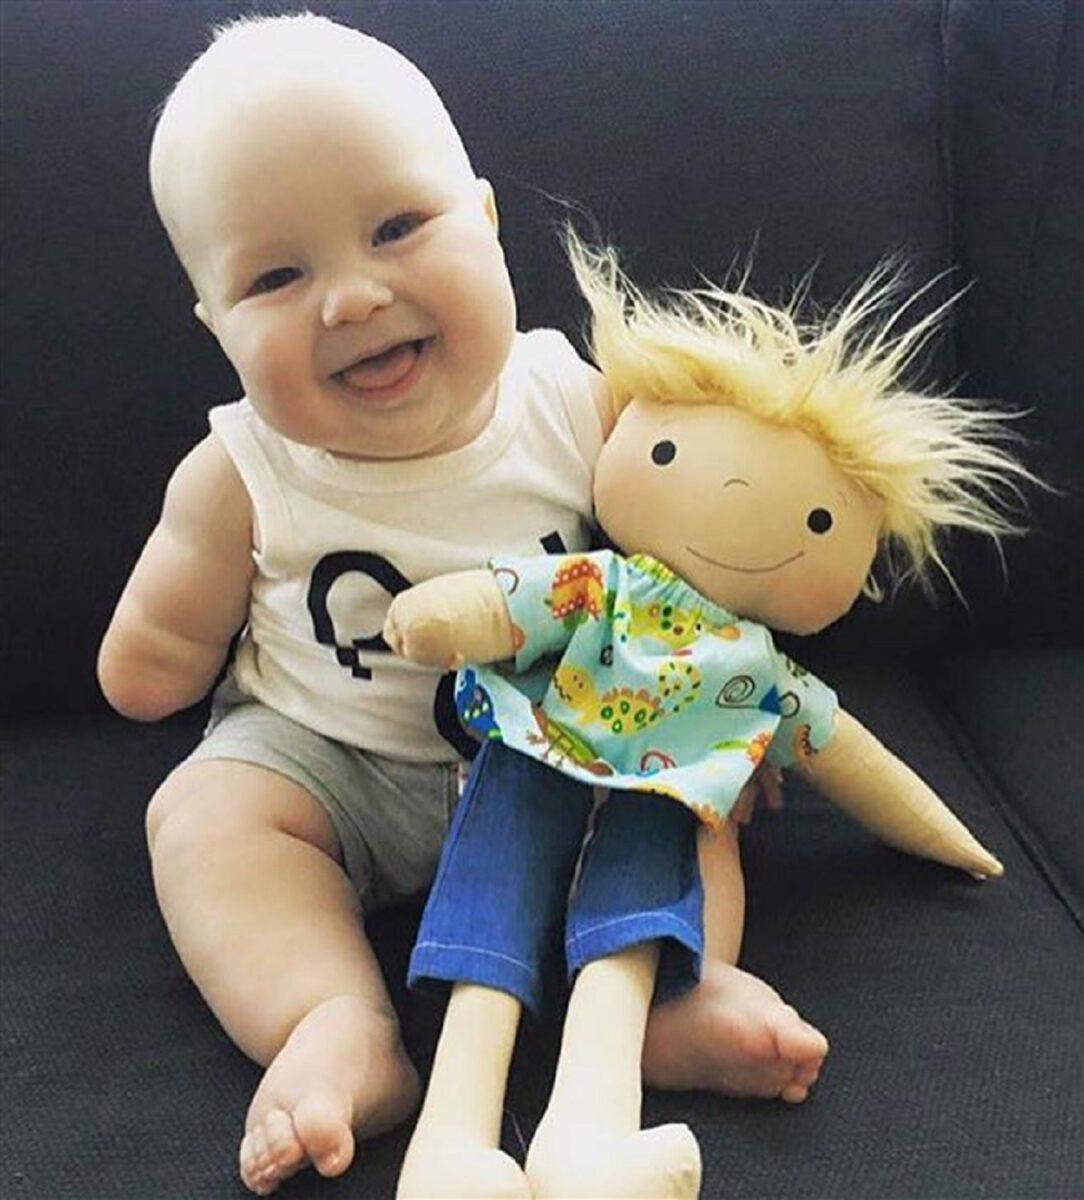 Amy Jandrisevits artista cria bonecas especiais para criancas especiais e ensina sobre aceitacao e respeito 5